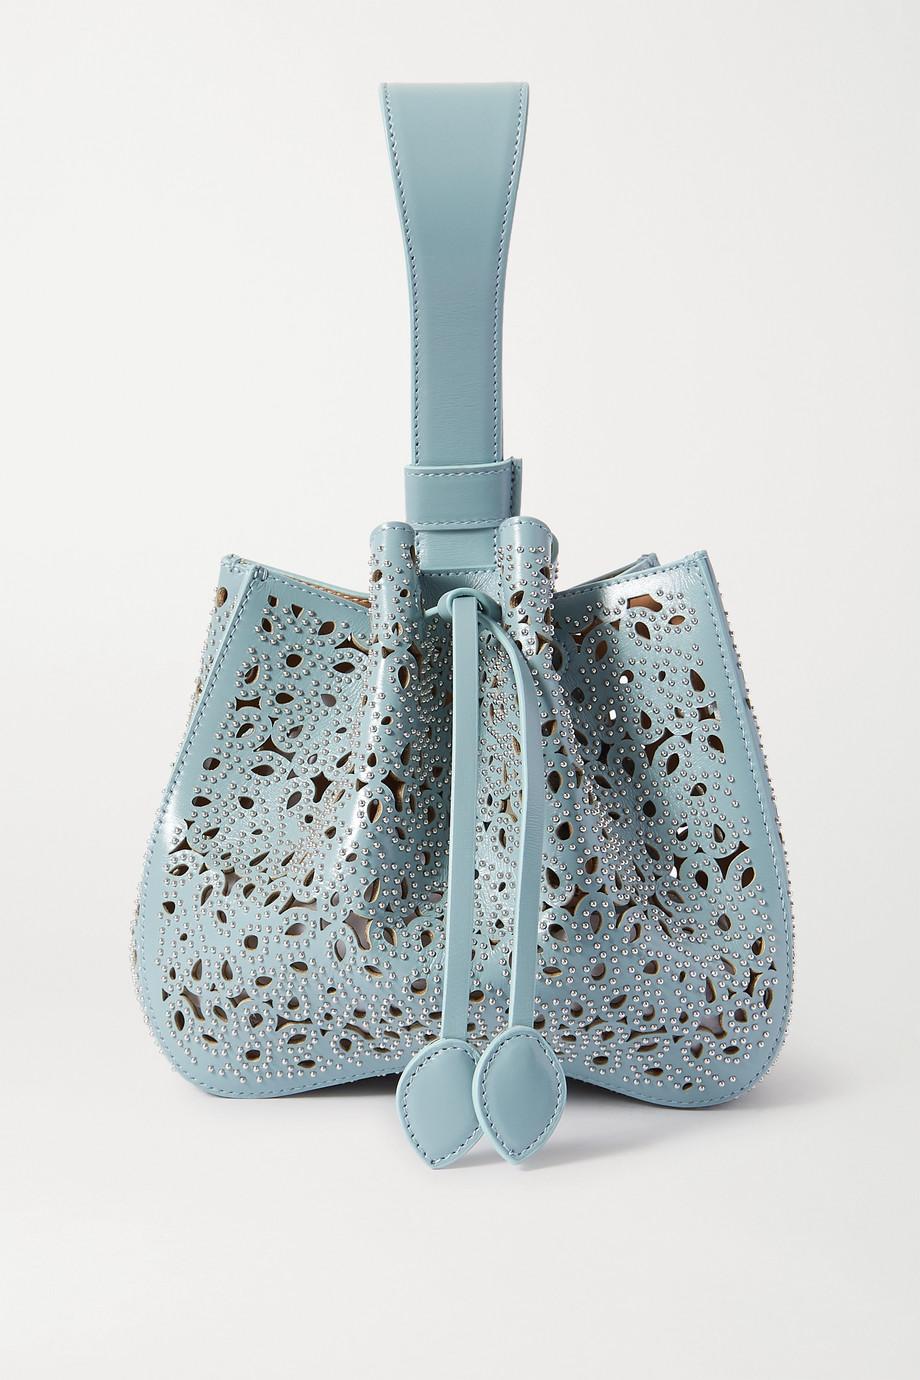 Alaïa Rose Marie kleine Beuteltasche aus lasergeschnittenem Leder